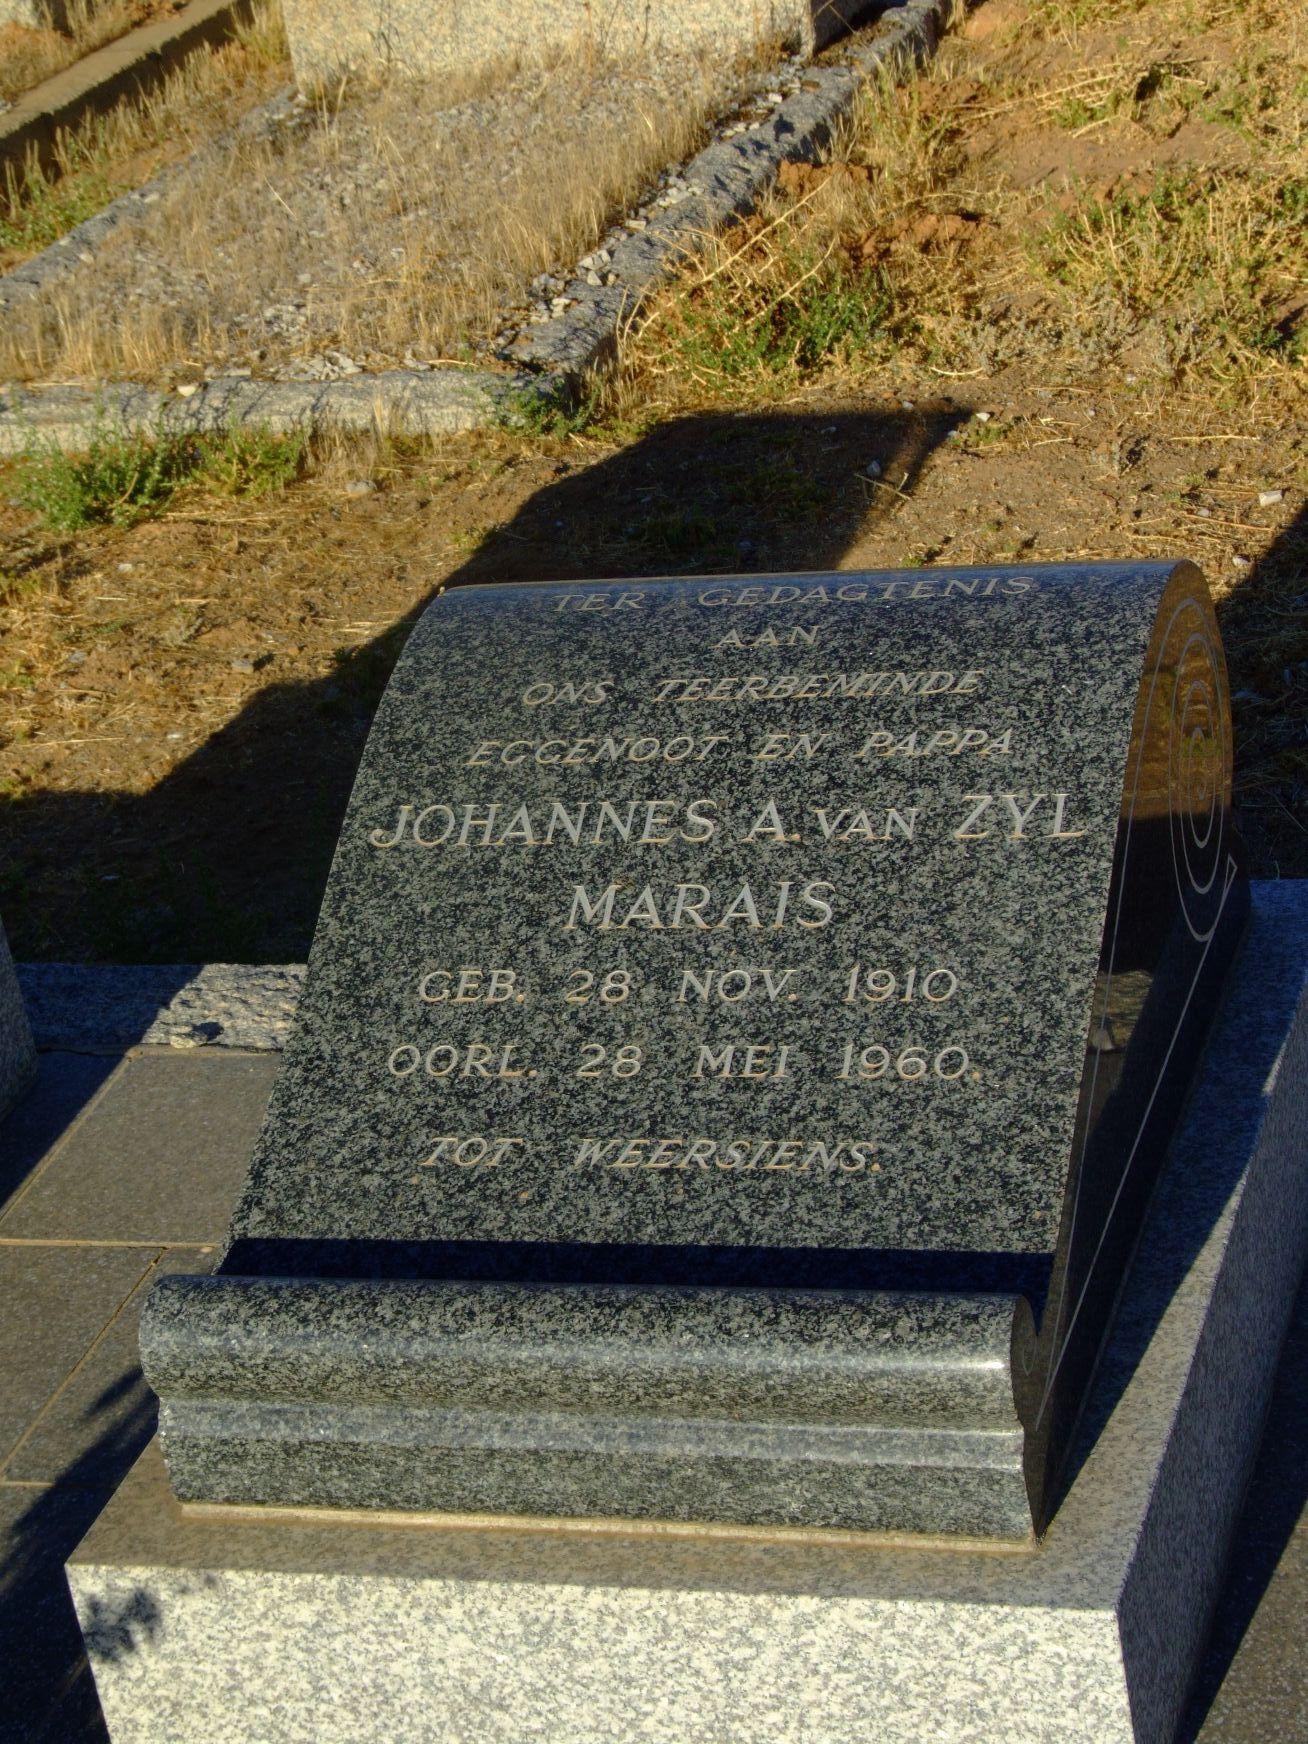 Marais, Johannes A. van Zyl